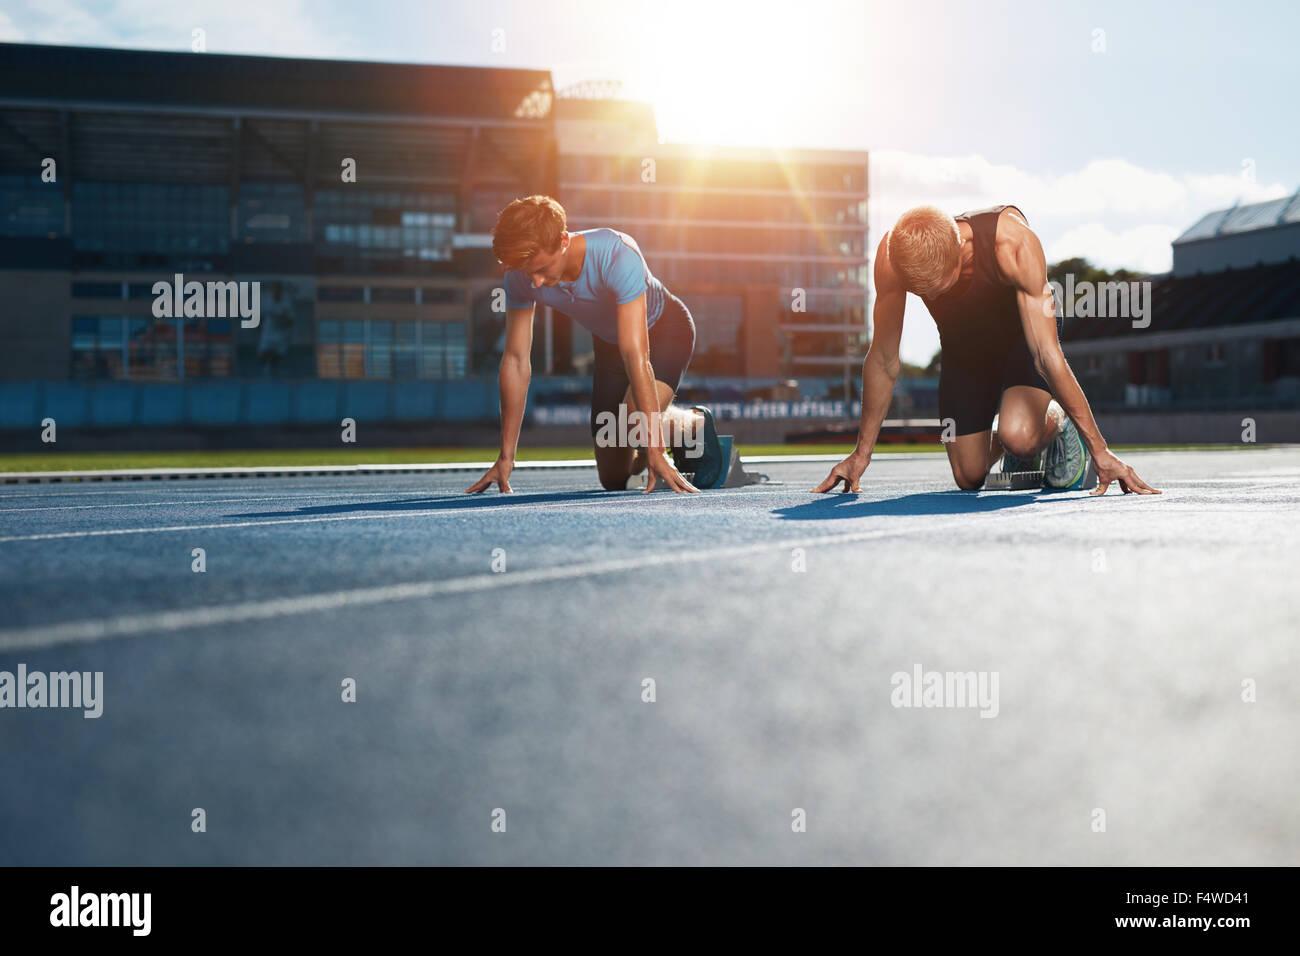 Junge Sportler in Start-Blöcke im Stadion Rennen vorbereiten. Sprinter in Startlöchern bereit für Stockbild